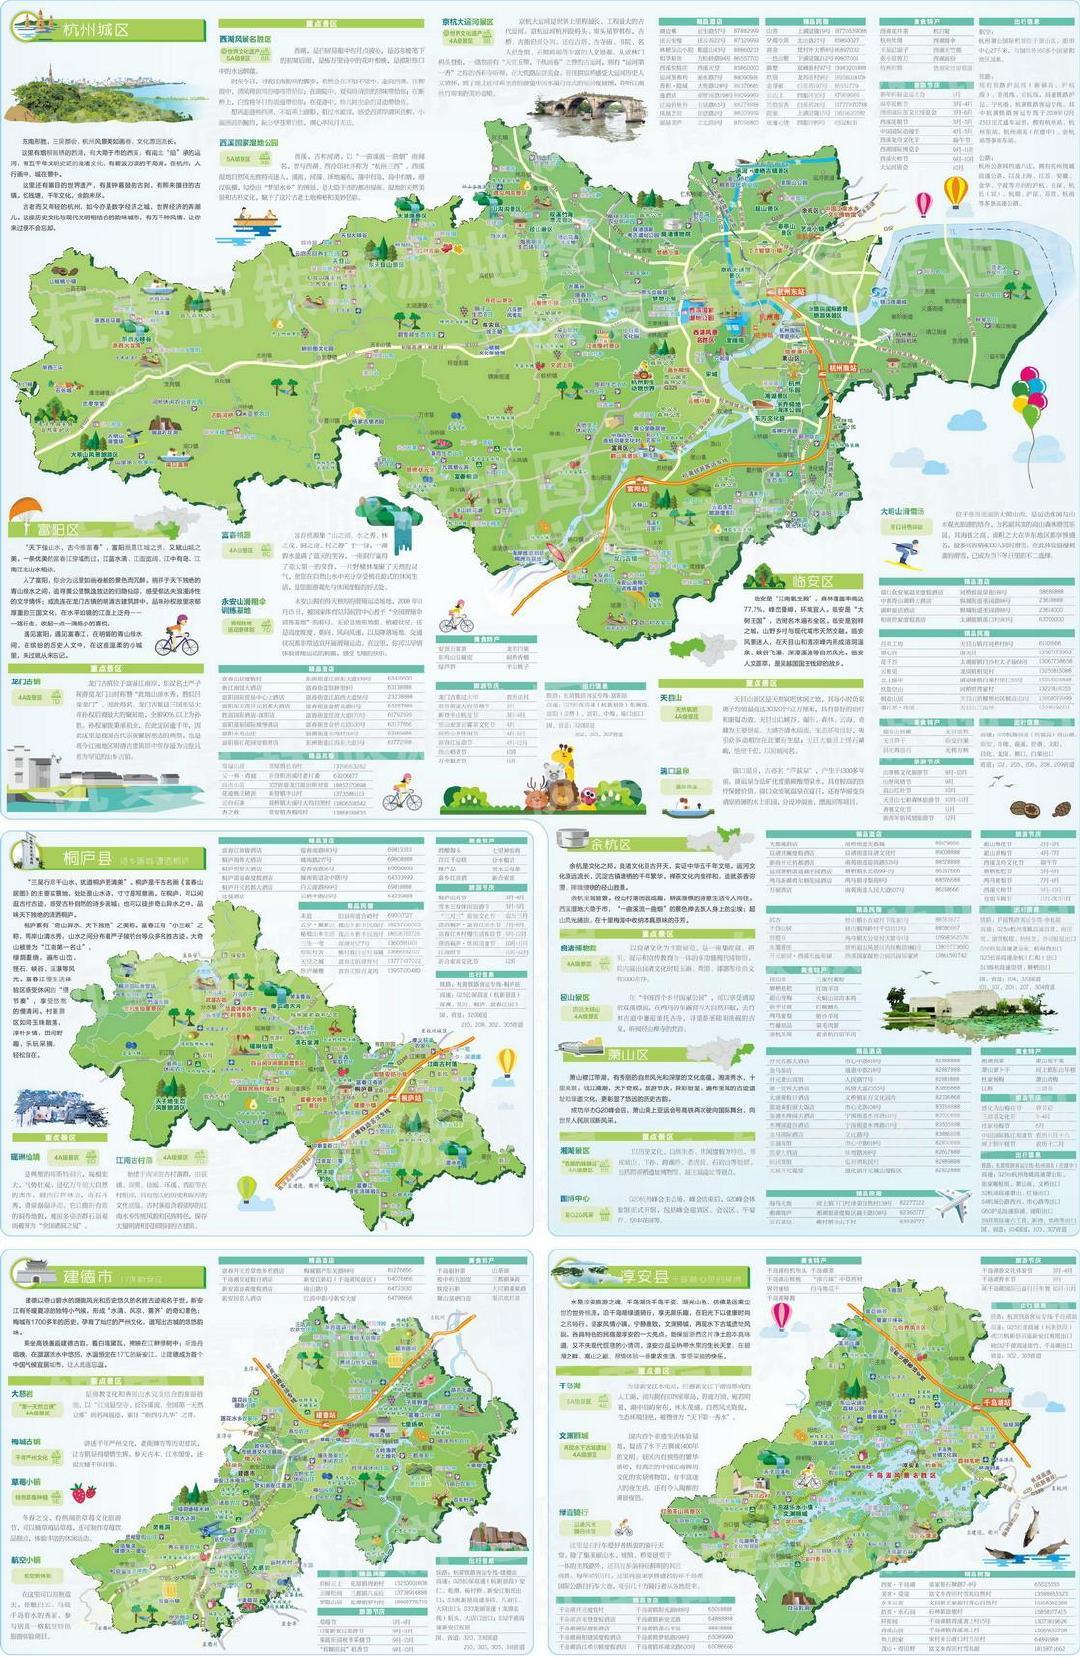 杭黄高铁旅游地图出炉!景区资讯,住宿餐饮,出行信息统